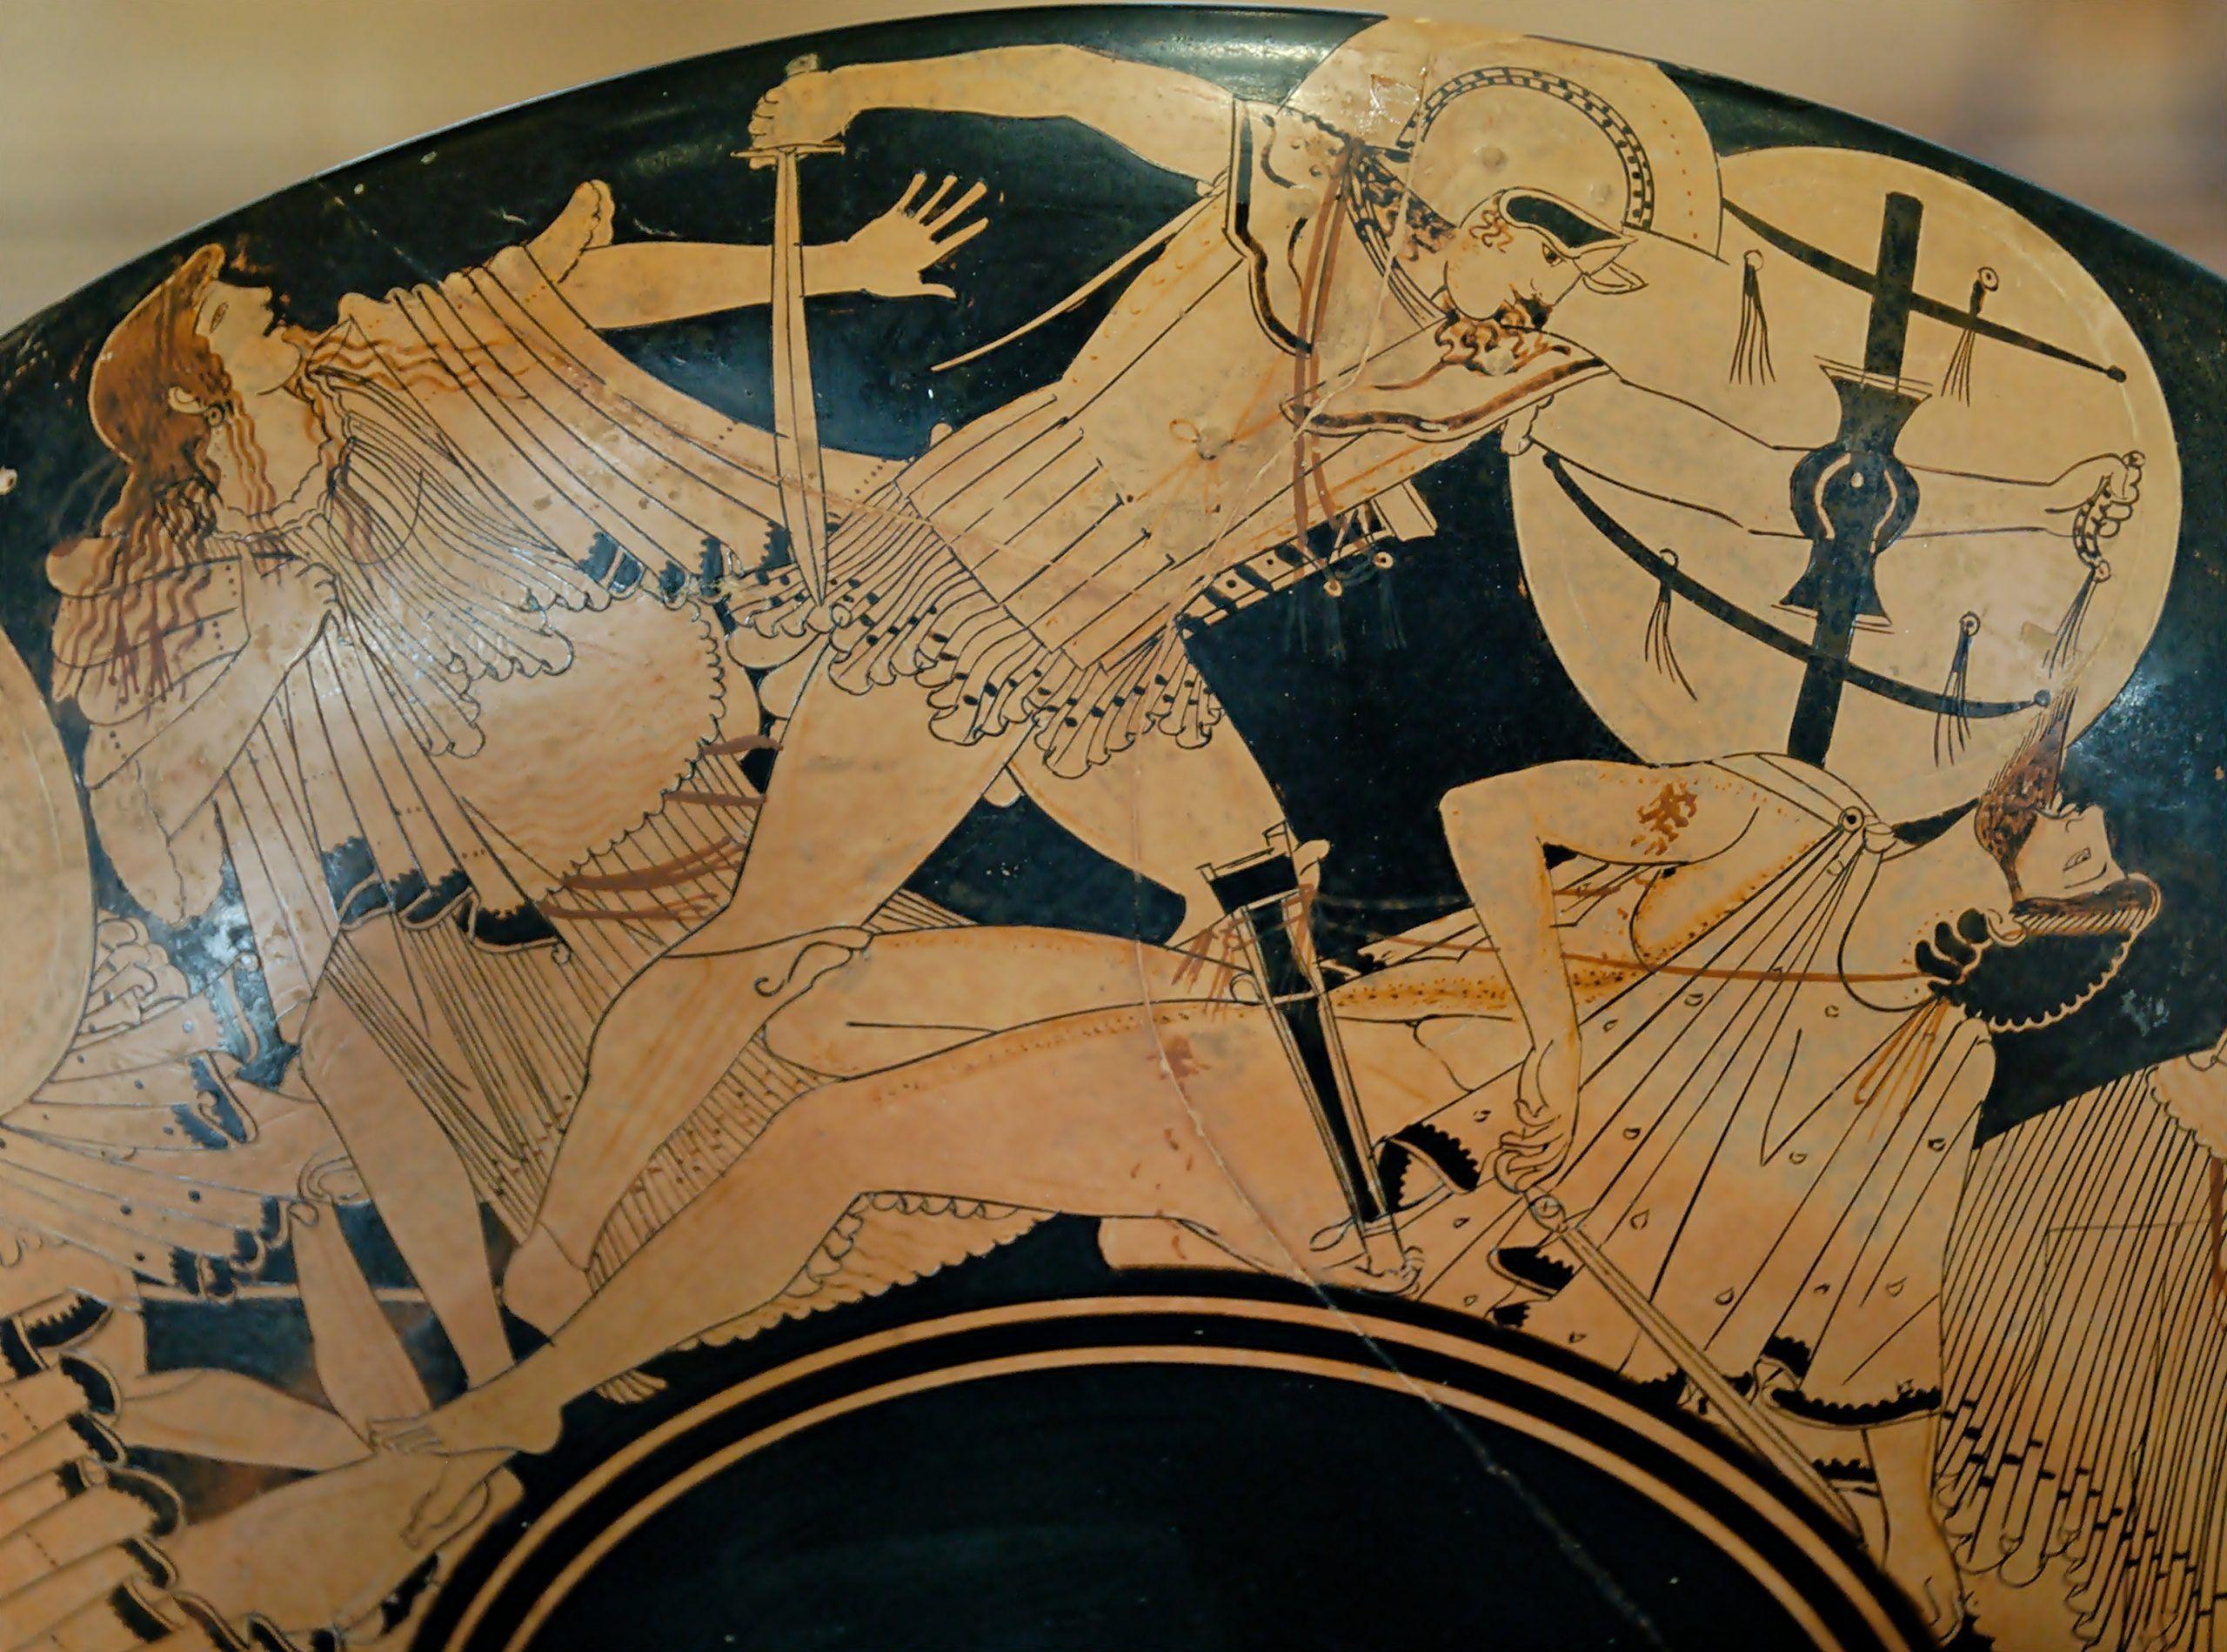 Le differenze tra Iliade e Odissea: tra proemio e tema, i grandi classici dell'antichità a confronto